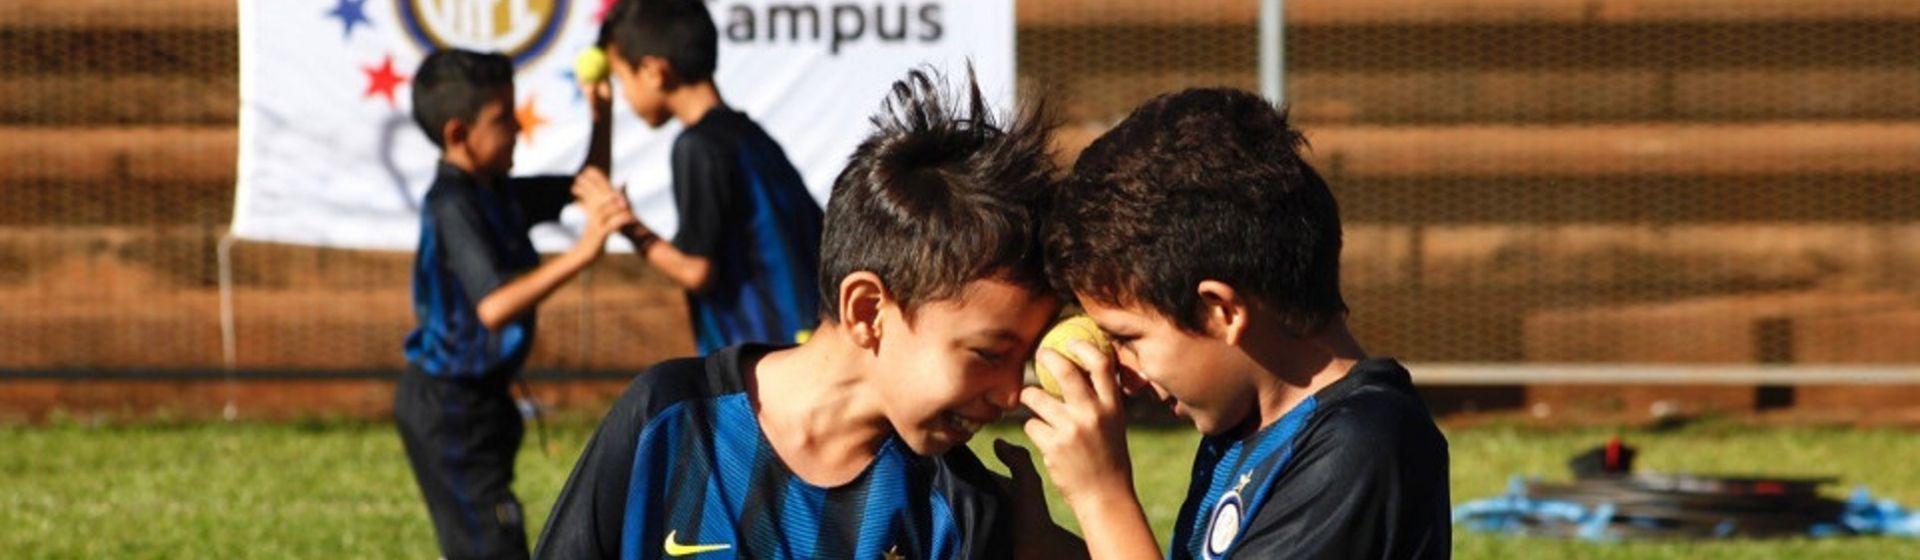 Inter Campus Argentina